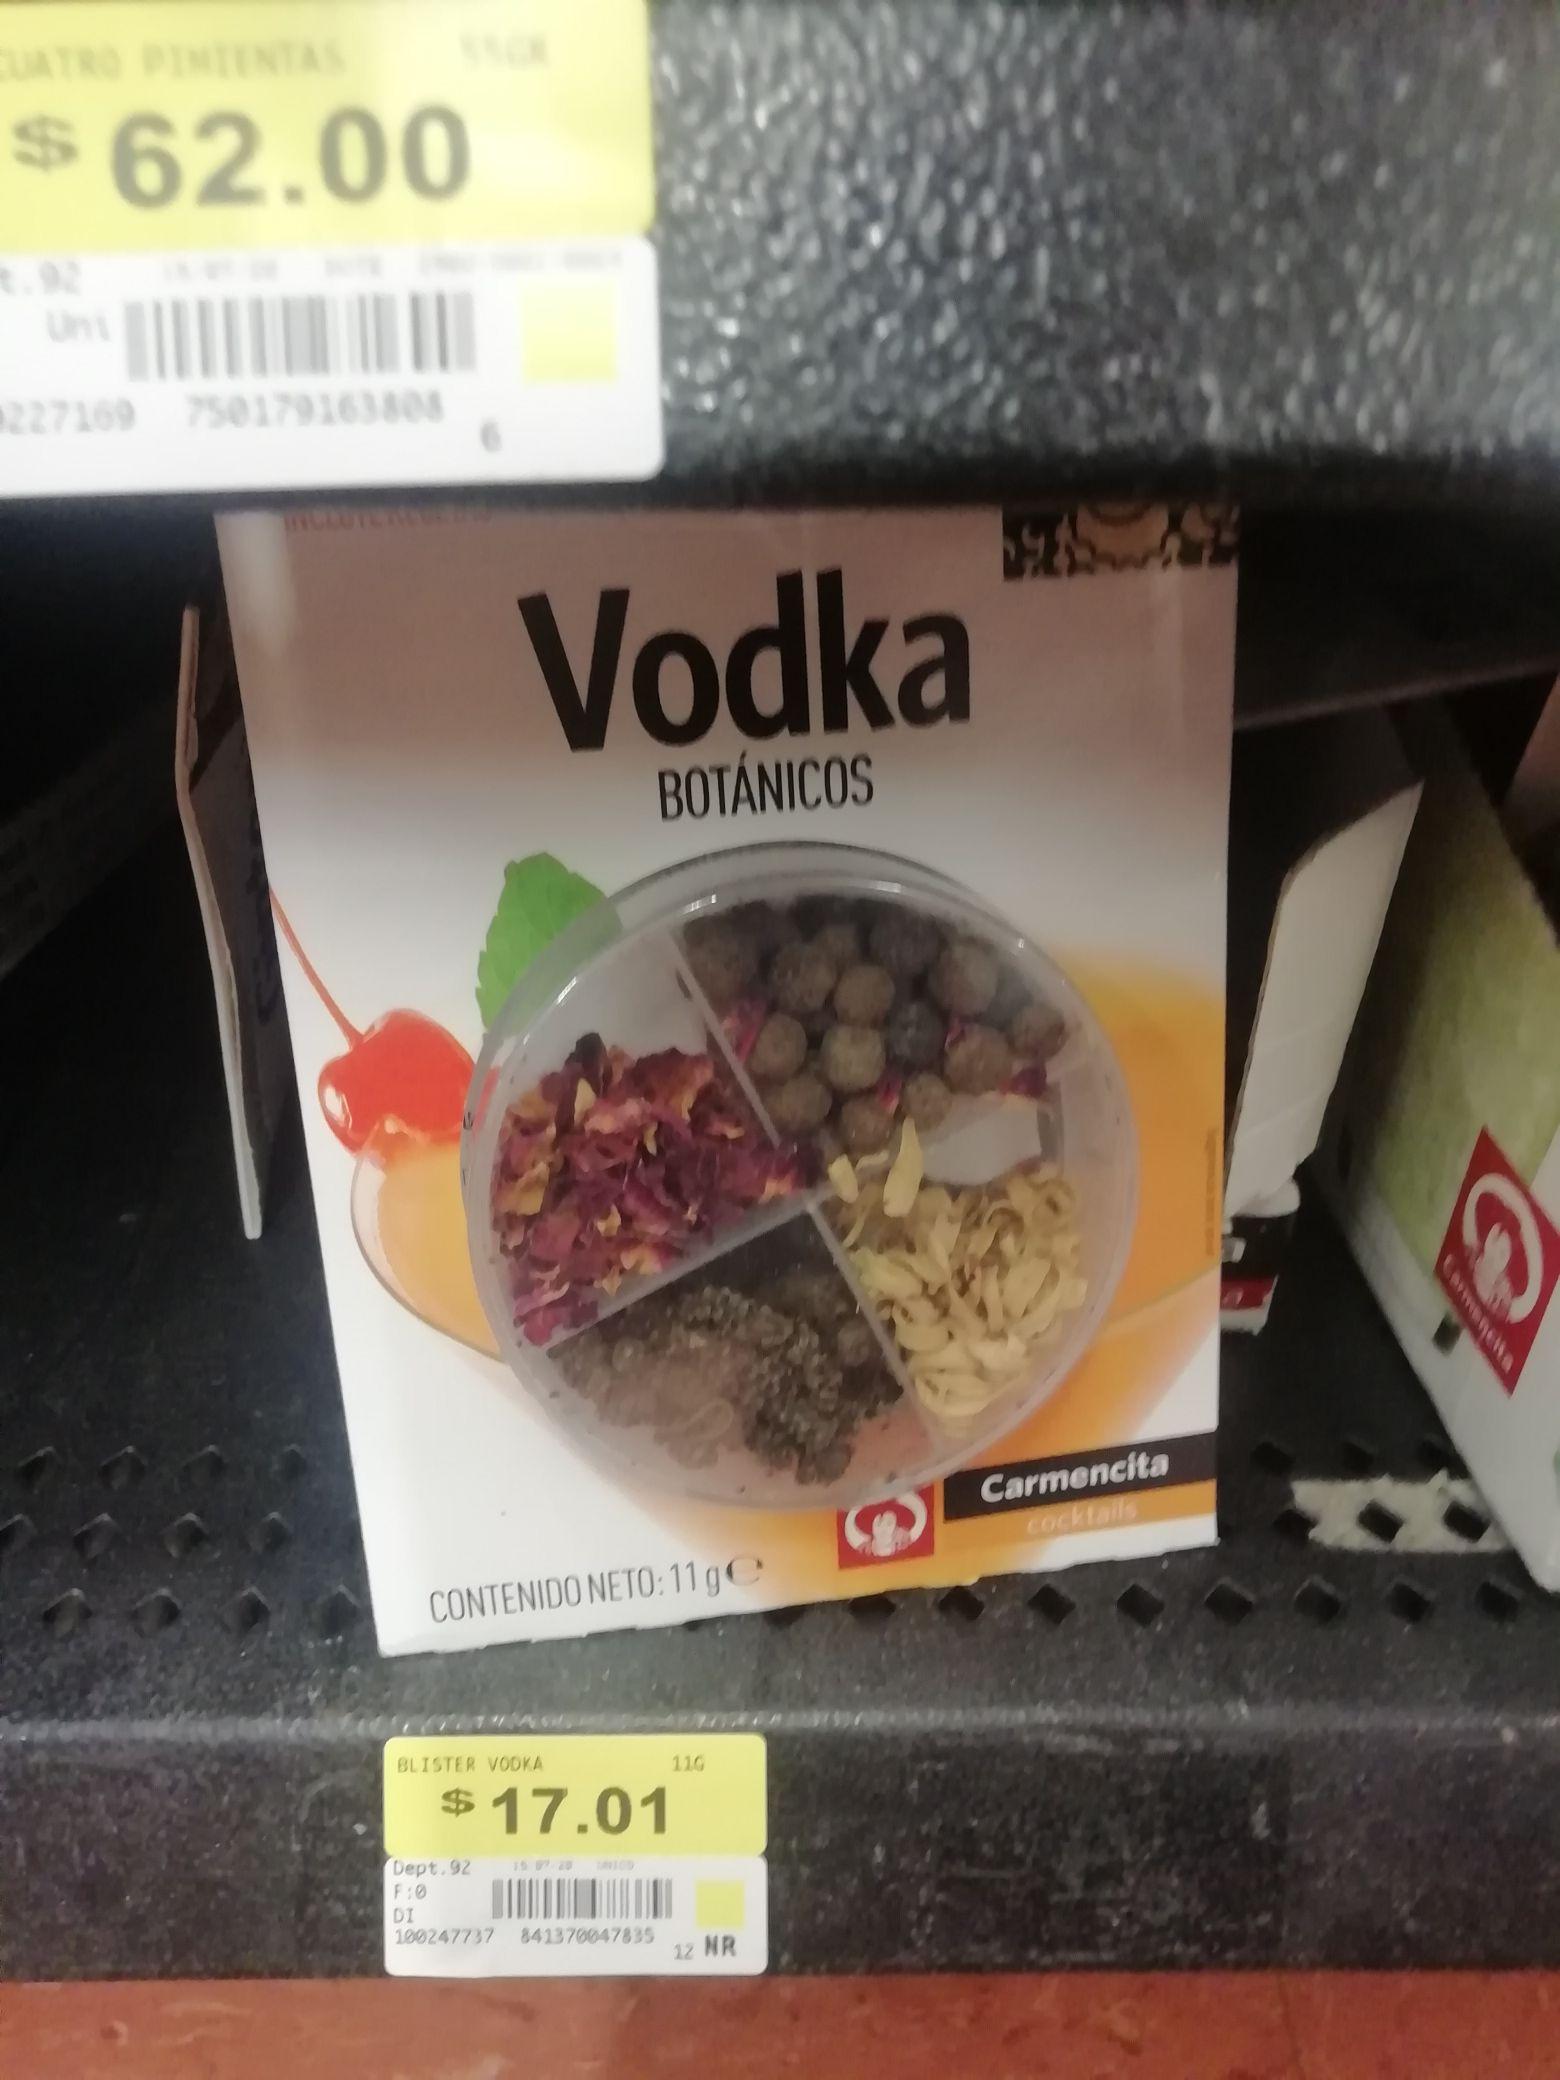 Vodka botánico y Azafrán molido *Walmart Felipe Pescador Dgo*